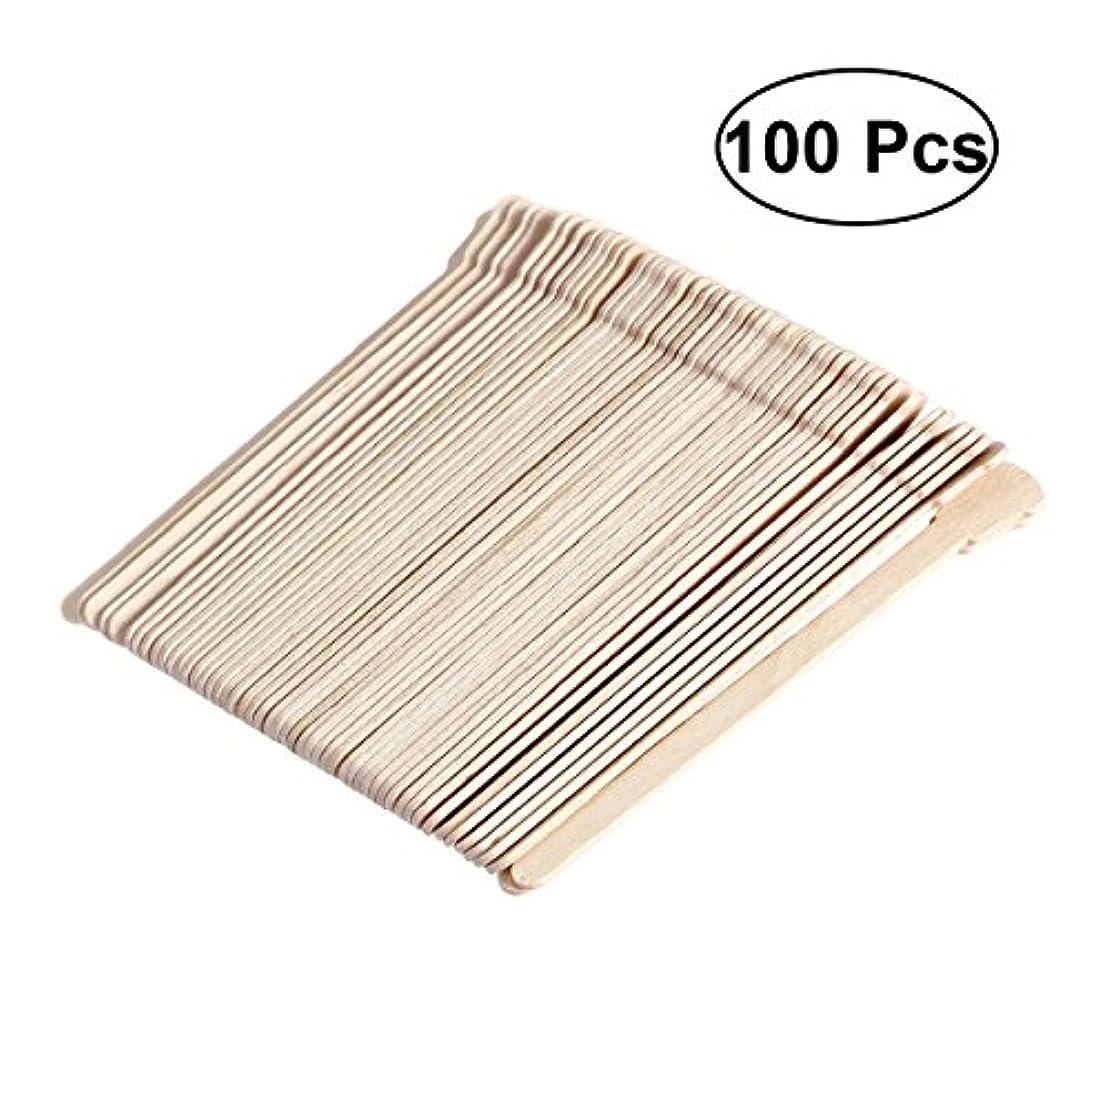 抜本的な有罪スクワイアSUPVOX 100ピース木製ワックススティックフェイス眉毛ワックスへら脱毛(オリジナル木製色)